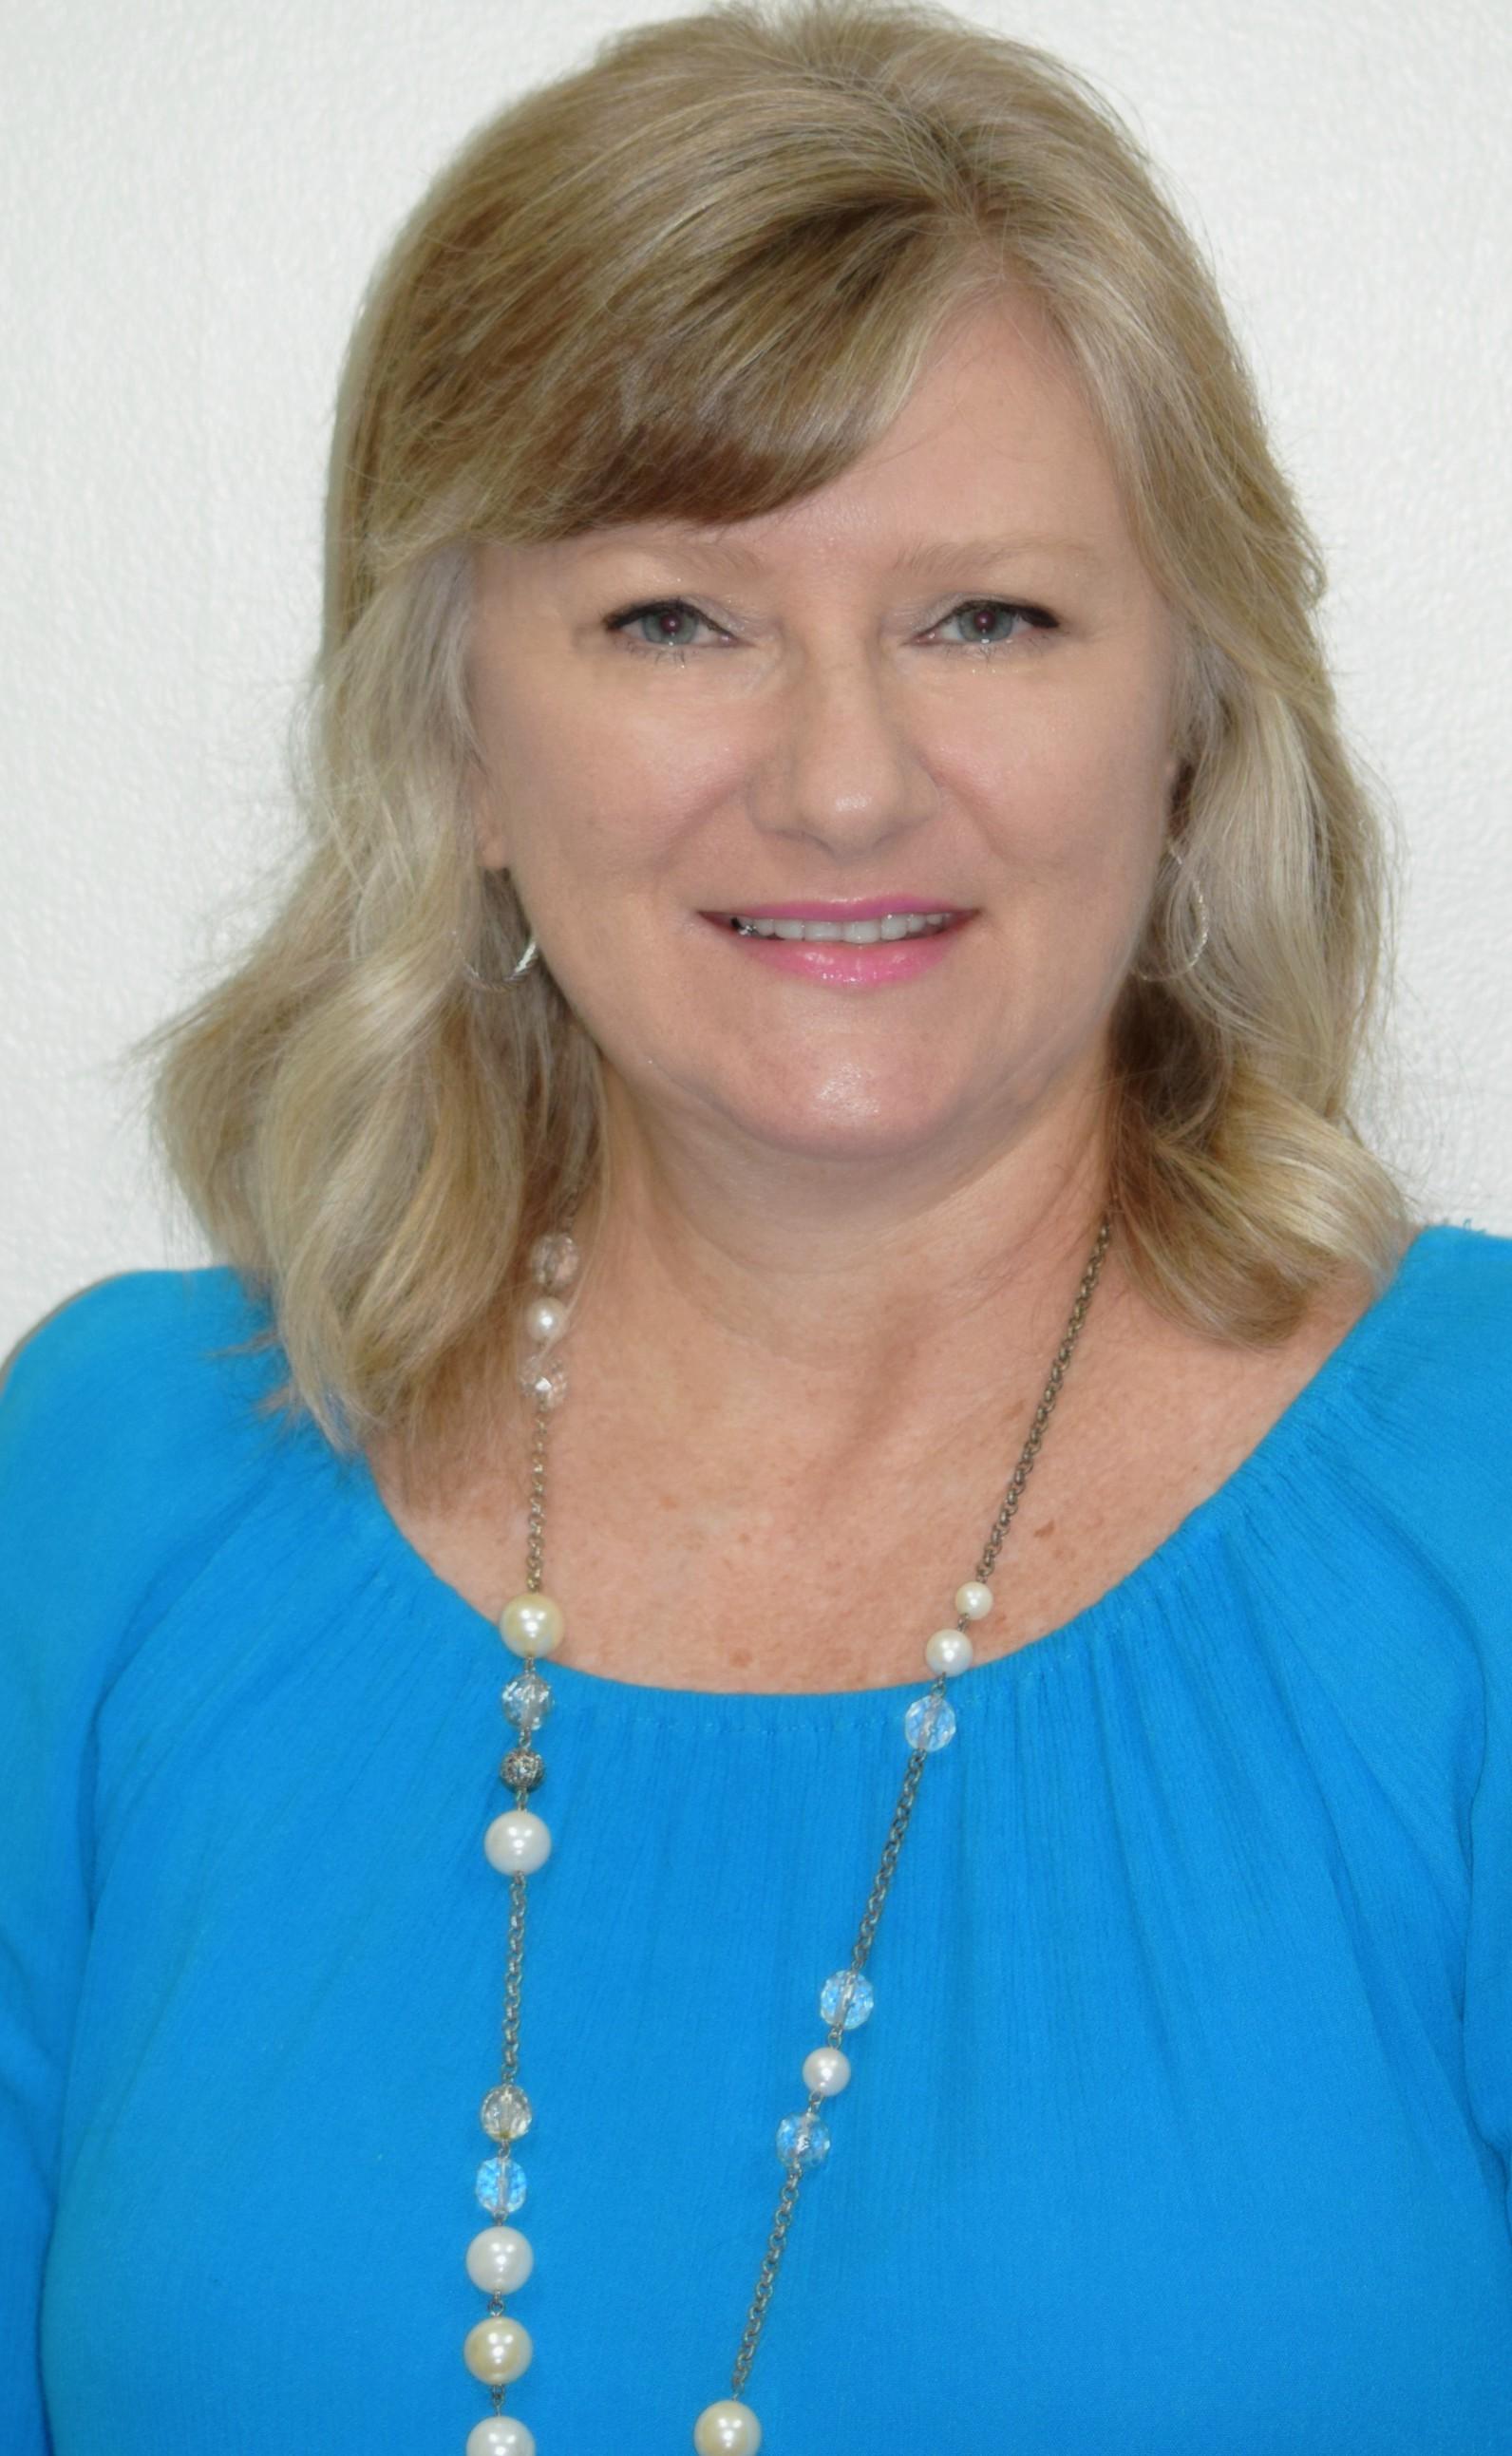 Image of Sandra Broadus